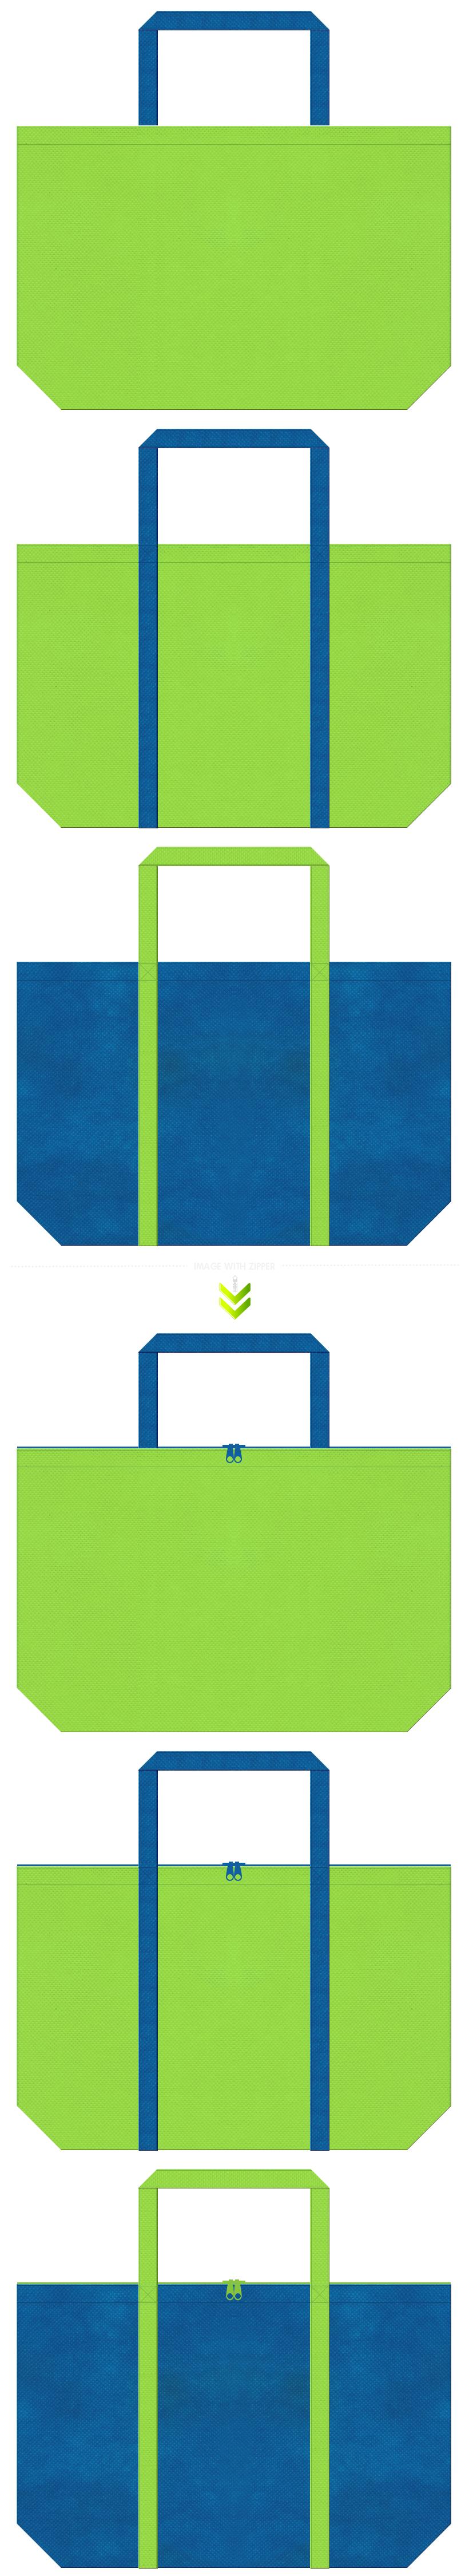 ロールプレイングゲーム・水と環境・水資源・サイクリング・スポーツ・アウトドア・ランドリーバッグにお奨めの不織布バッグデザイン:黄緑色と青色のコーデ